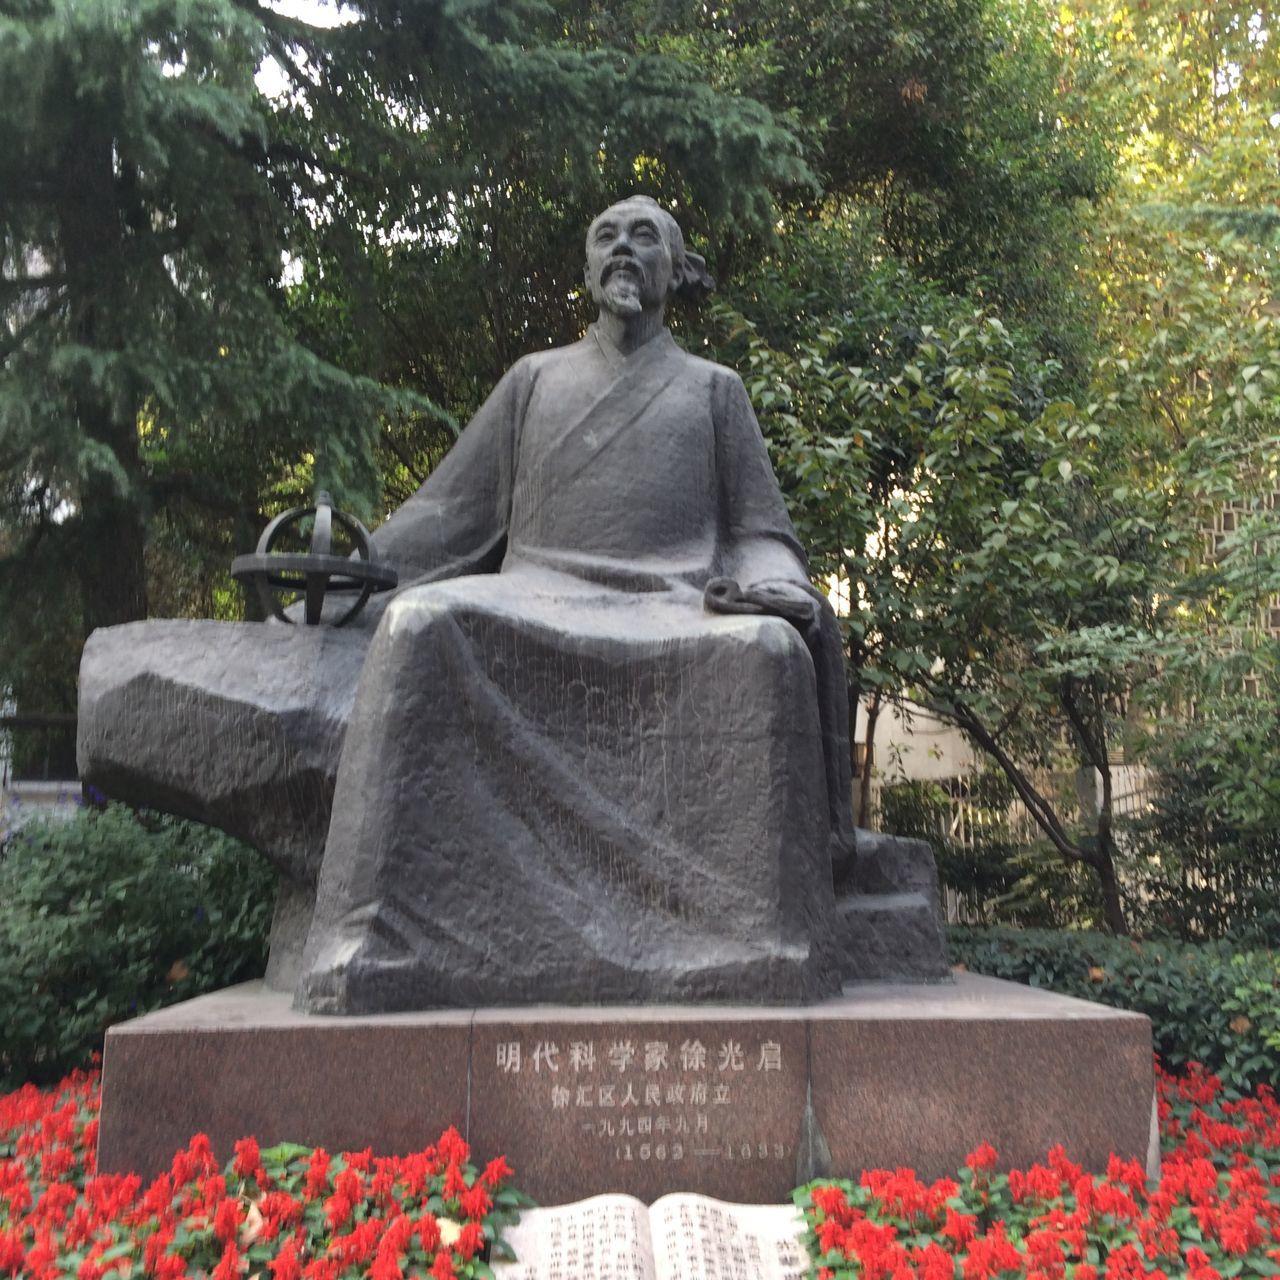 xu_guang_qi_statue.jpg